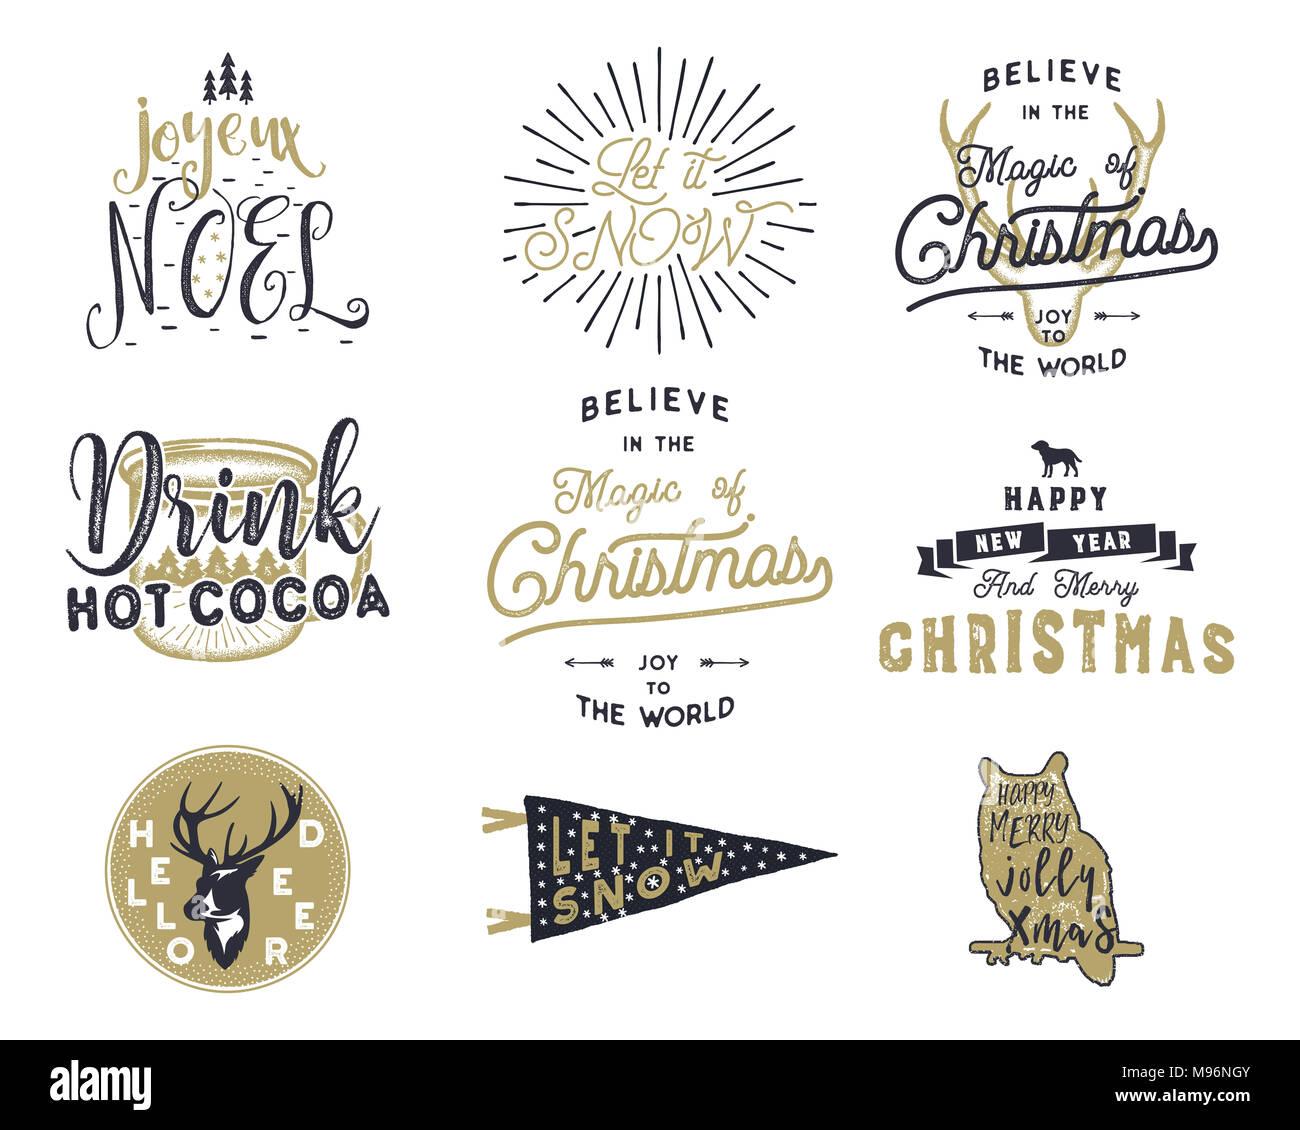 Etiketten Frohe Weihnachten.Big Frohe Weihnachten Typografie Anführungszeichen Wünsche Bündeln